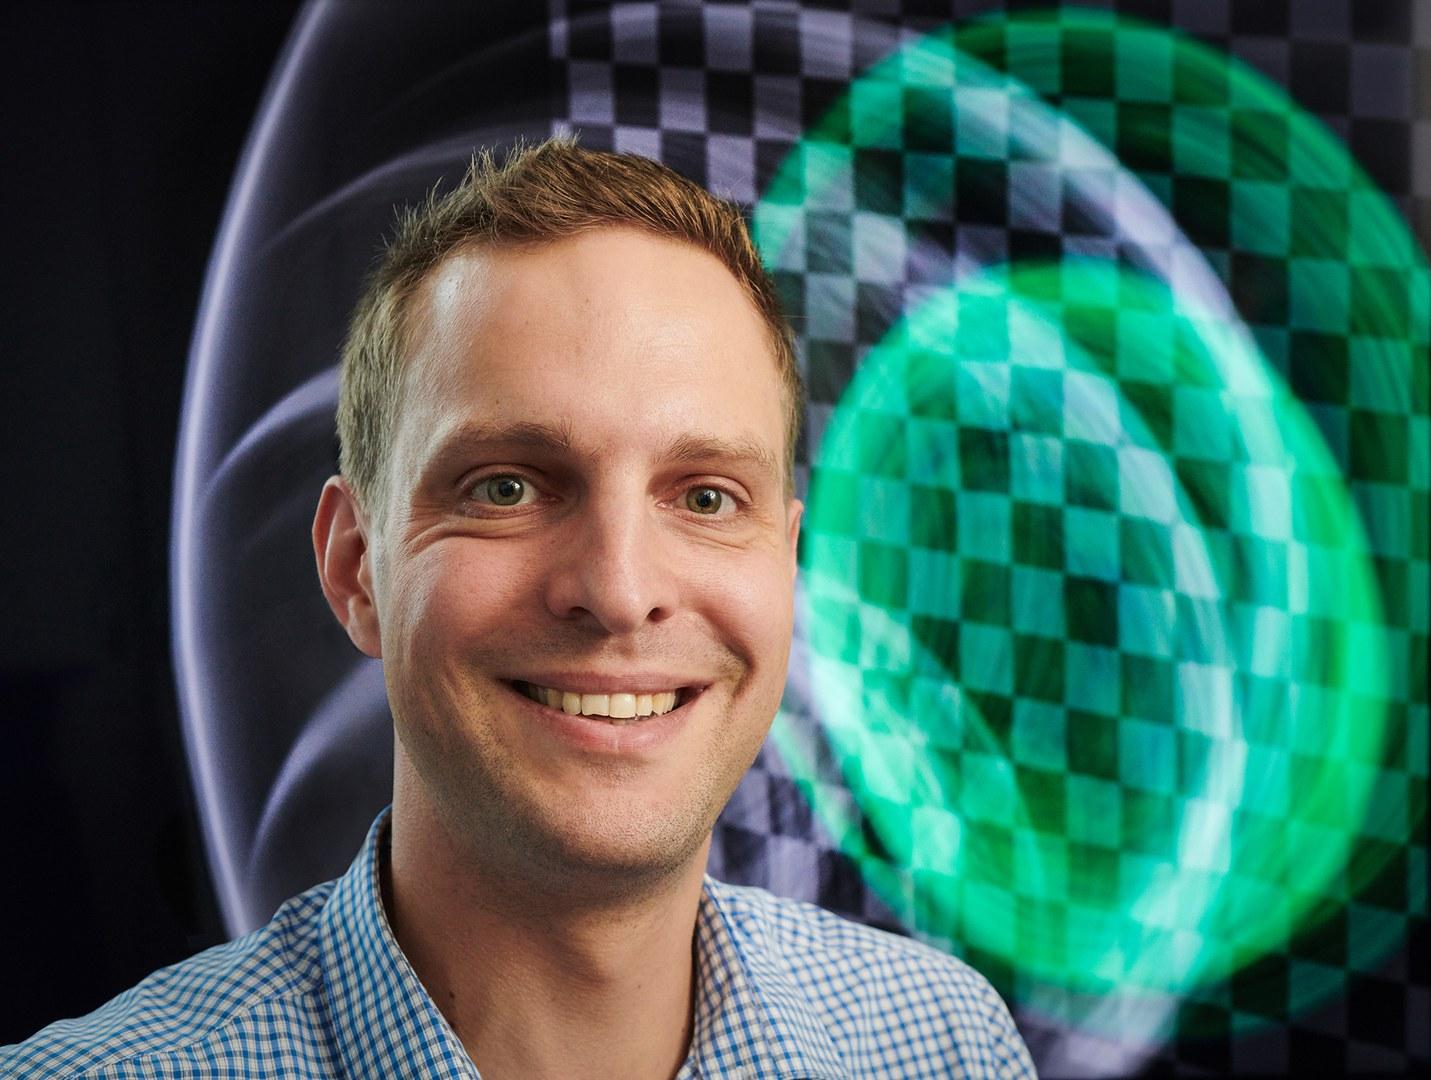 Professor Matthias Hullin von der Universität Bonn.